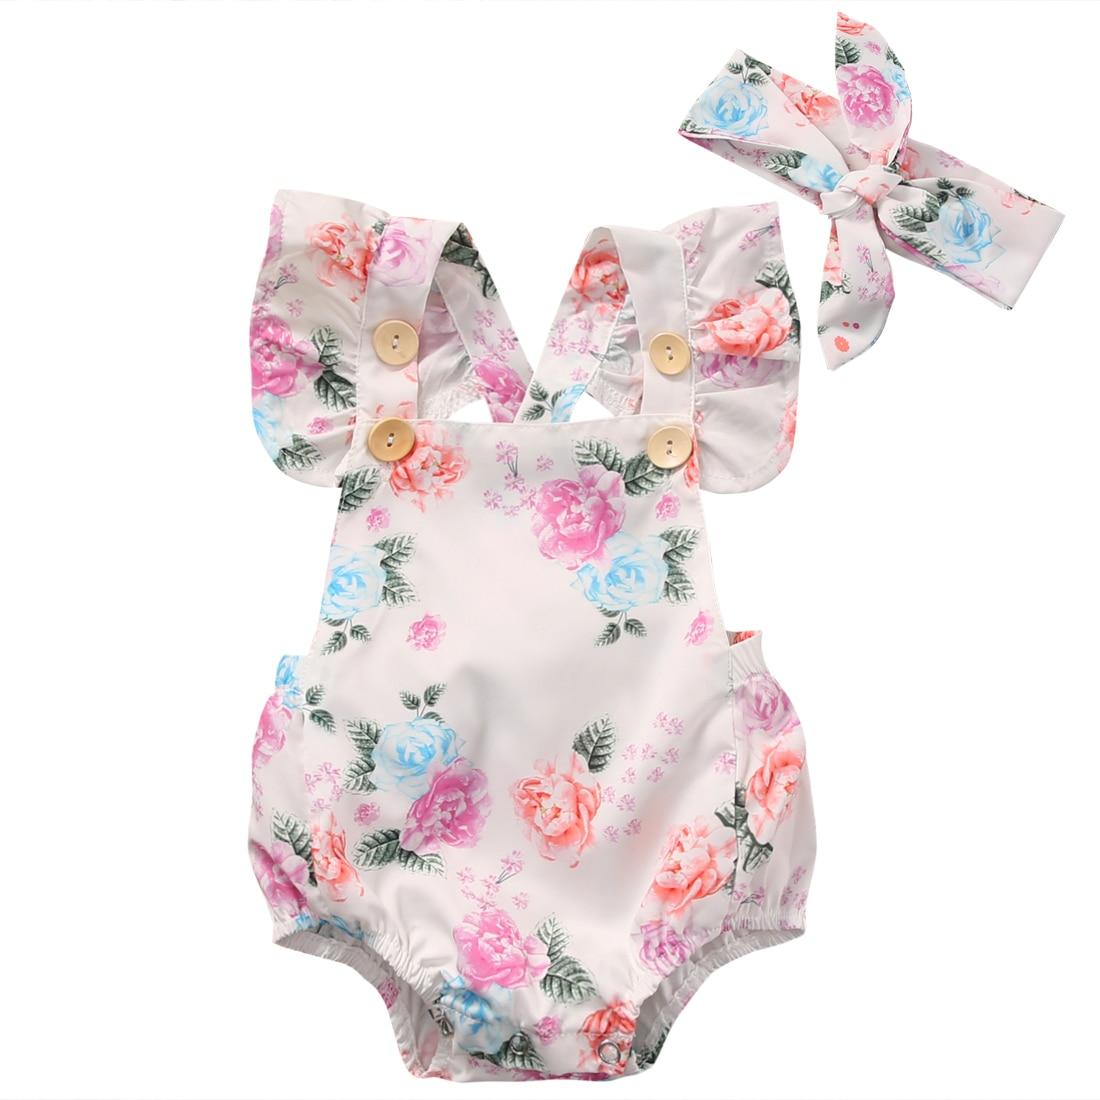 ÚJ érkezések Baba lányok virágnyomtatás + fejpánt nyári ruházat 2db készlet